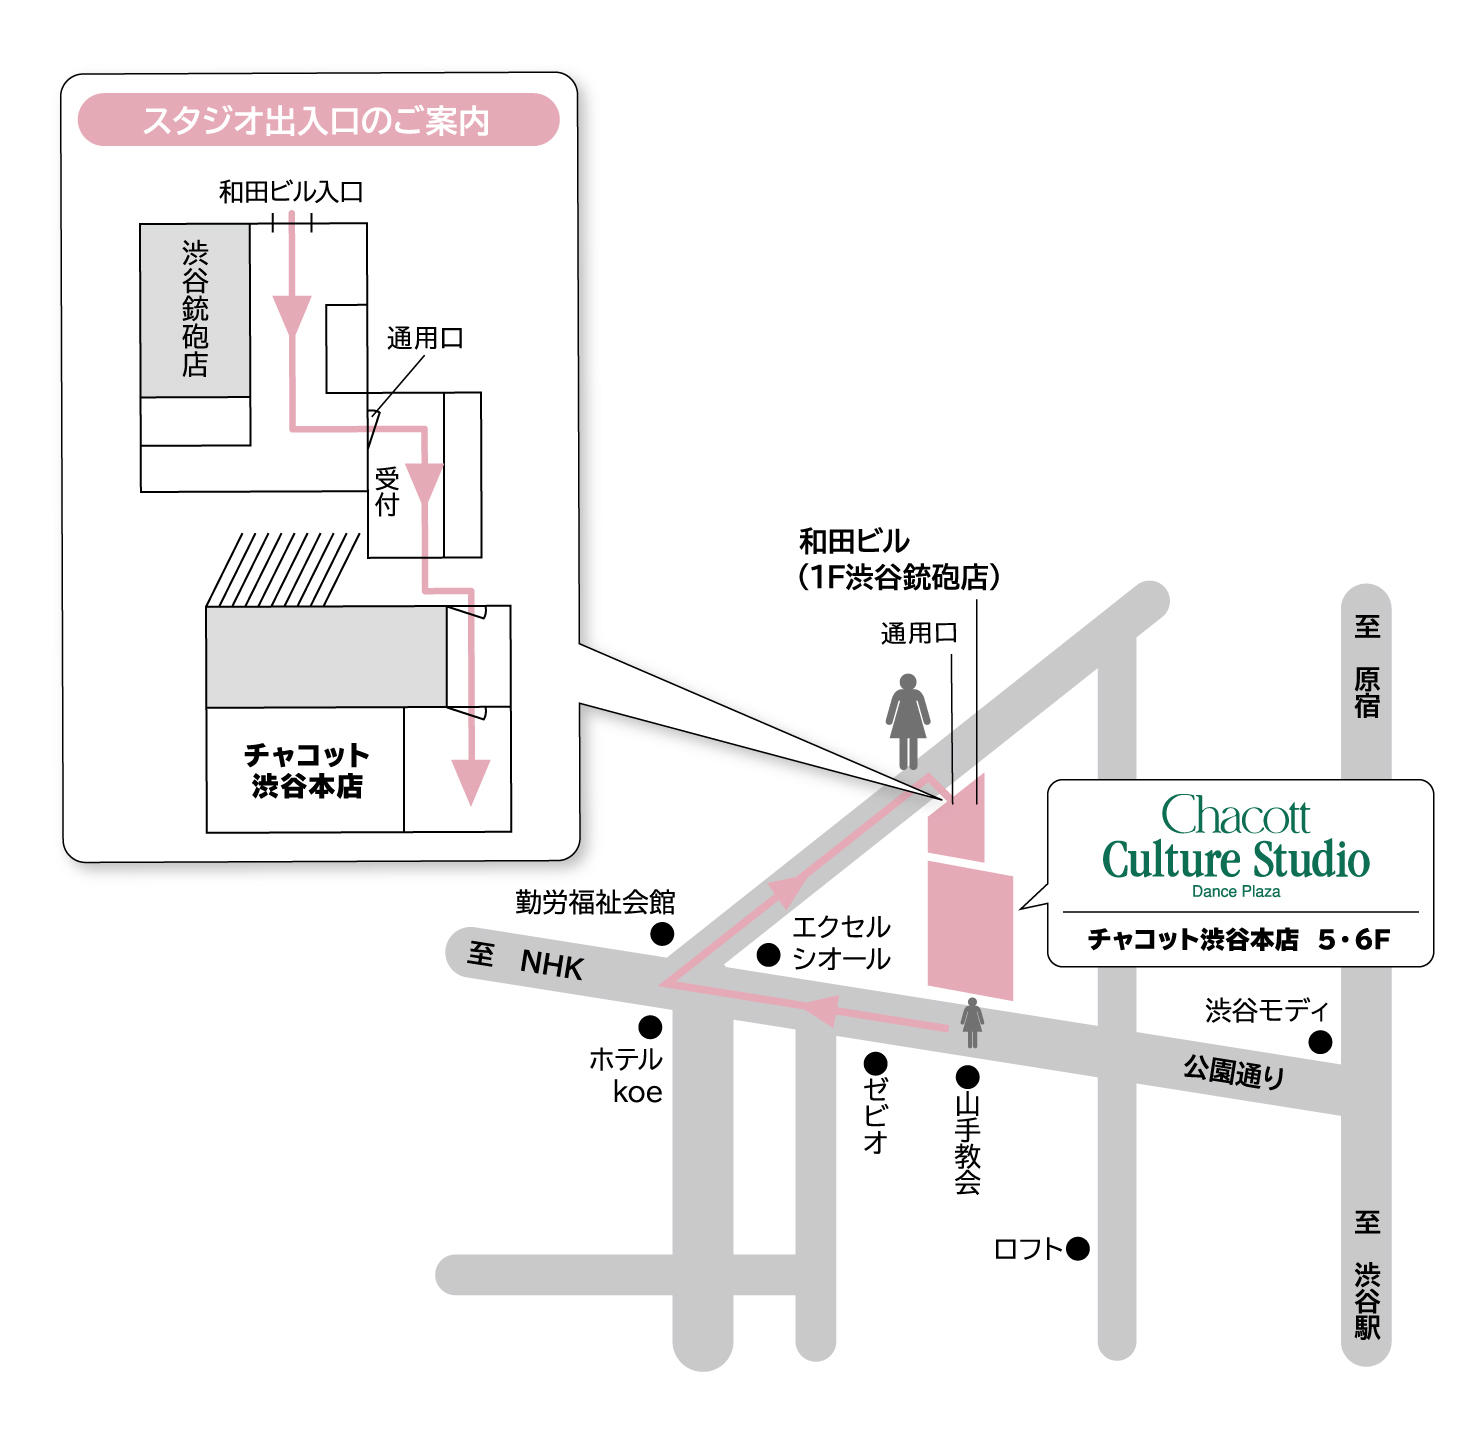 cul_shibuya_map201905jpg.jpg